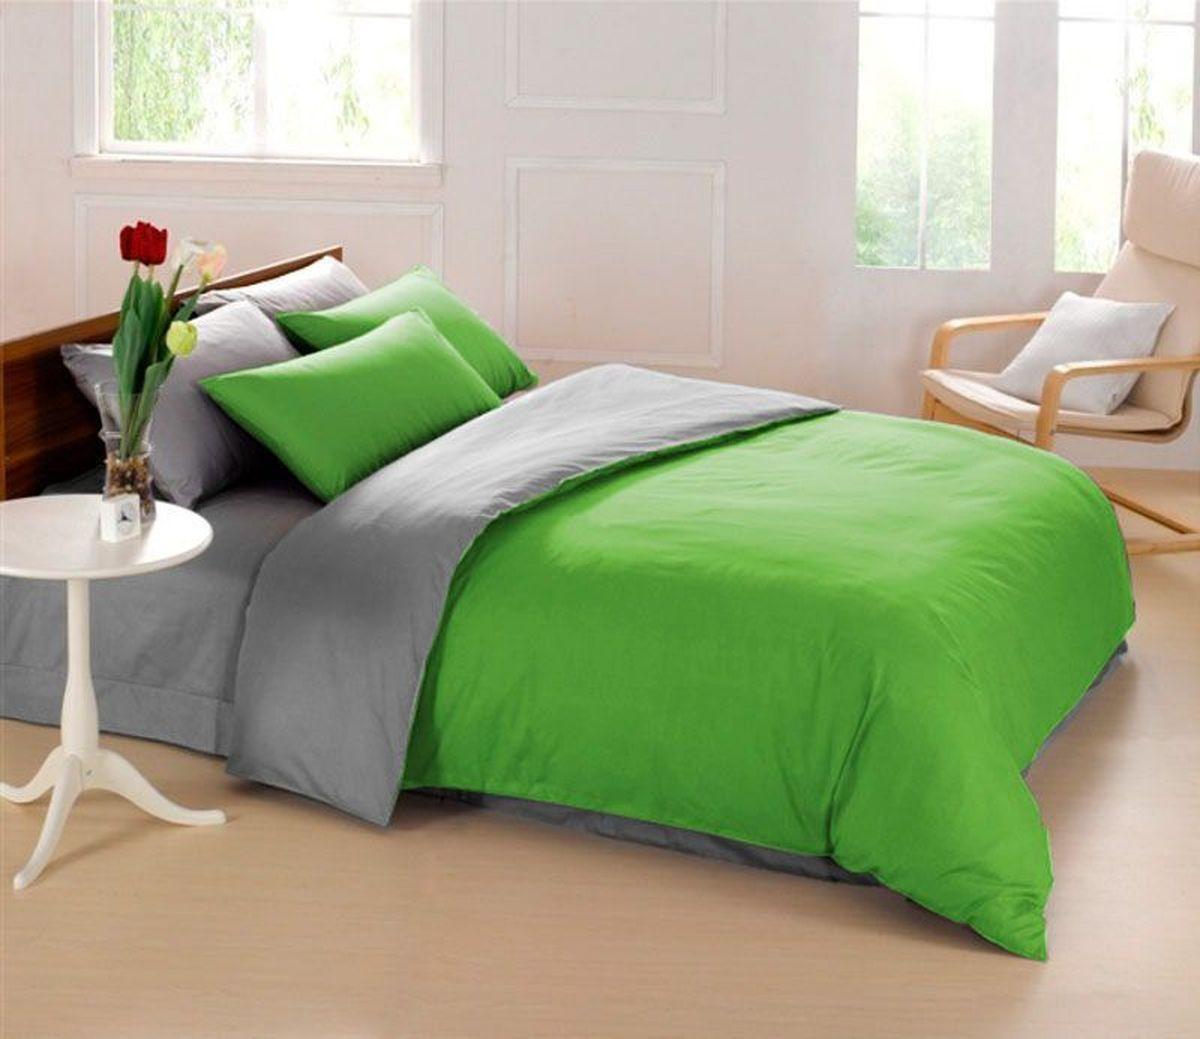 Комплект белья Sleep iX Perfection, семейный, наволочки 50х70, 70х70,цвет: зеленый, серый10503Комплект постельного белья Sleep iX Perfection состоит из двух пододеяльников, простыни и четырех наволочек. Предметы комплекта выполнены из абсолютно гипоаллергенной микрофибры, неприхотливой в уходе.Благодаря такому комплекту постельного белья вы сможете создать атмосферу уюта и комфорта в вашей спальне.Известно, что цвет напрямую воздействует на психологическое и физическое состояние человека. Зеленый - успокаивающий, нейтральный, мягкий цвет. Нормализует деятельность сердечно-сосудистой системы, успокаивает сильное сердцебиение, стабилизирует артериальное давление и функции нервной системы.Серый – нейтральный цвет. Расслабляет, помогает успокоиться и способствует здоровому сну. Усиливает воздействие соседствующих цветов.